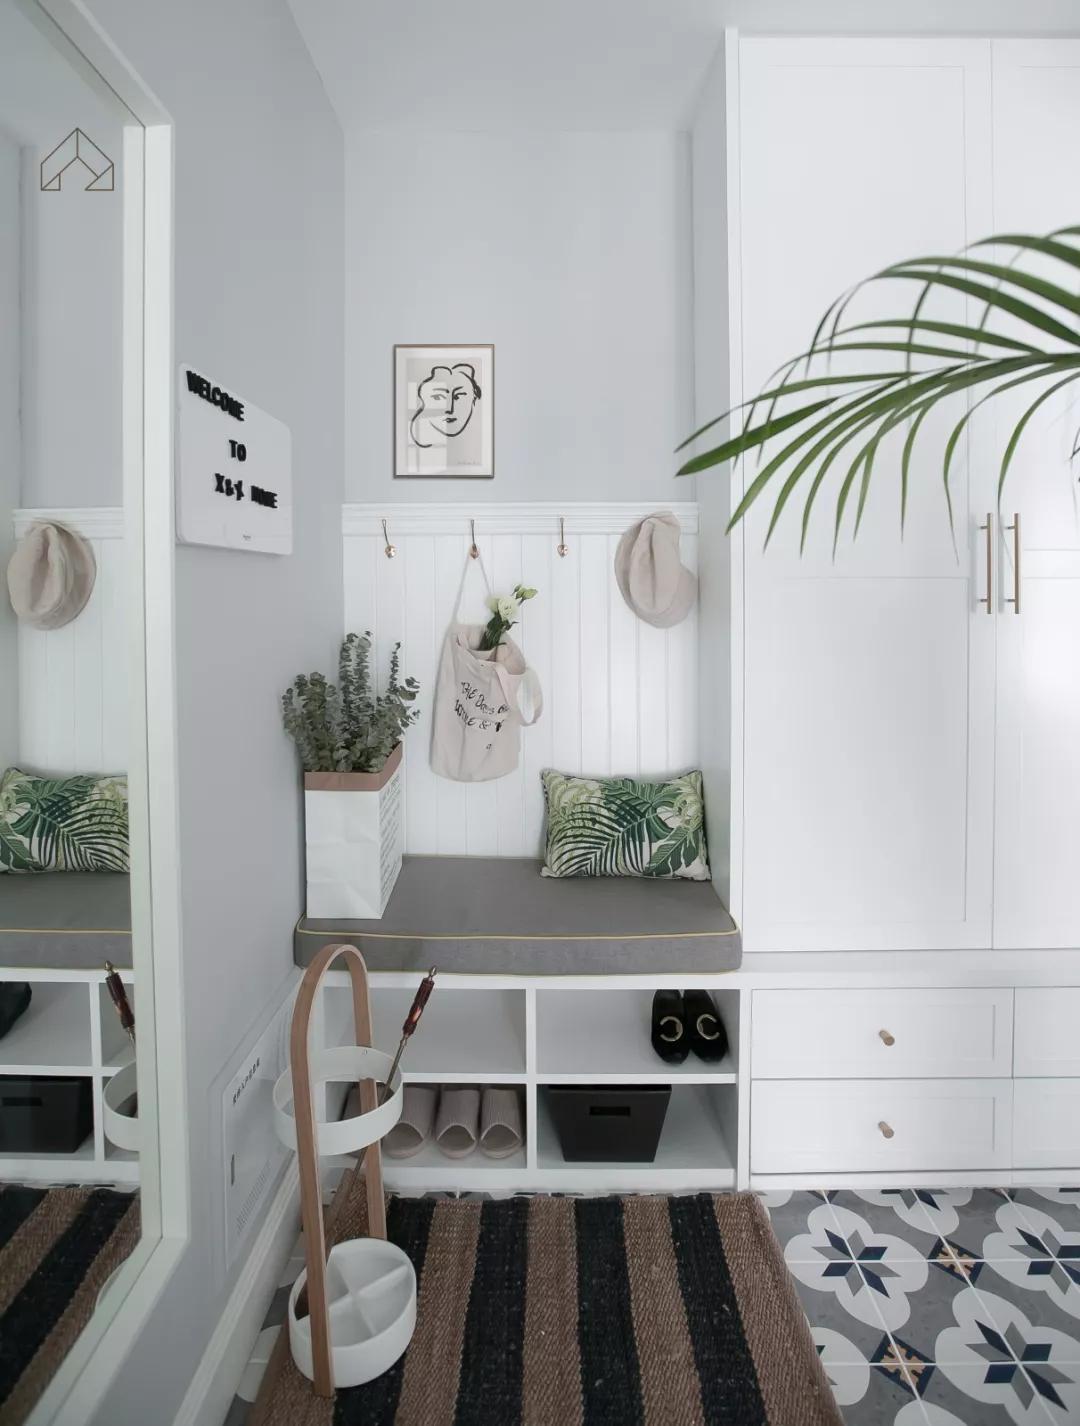 小户型玄关这样设计收纳美观两不误小空间也要精心设计 浪漫满屋